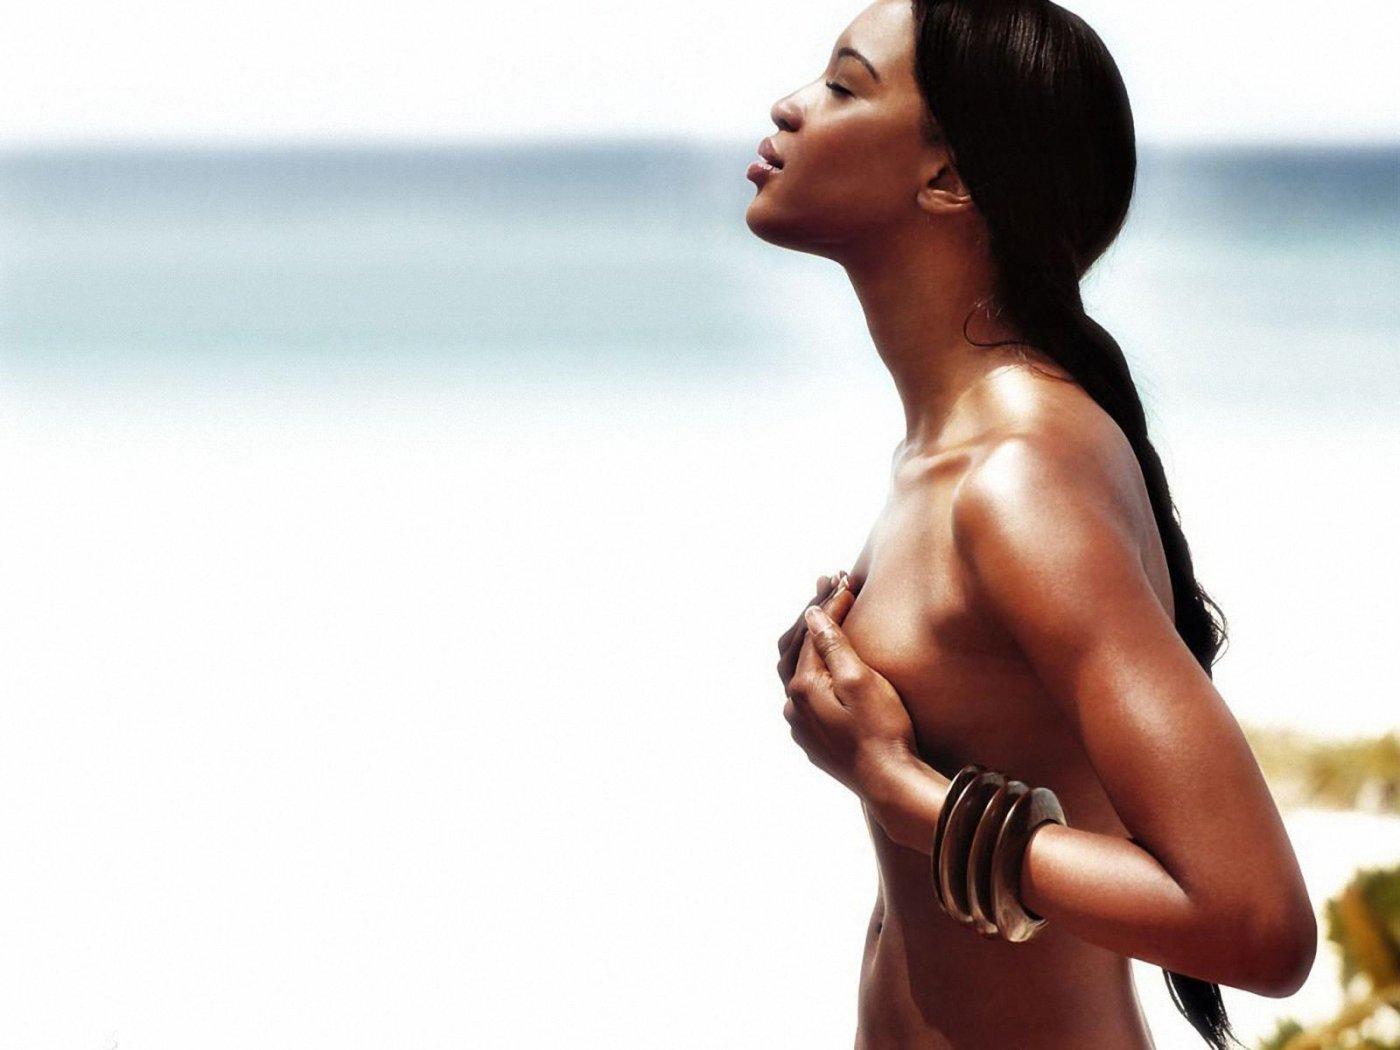 Naomi Campbell Hot 116533 1400x1050